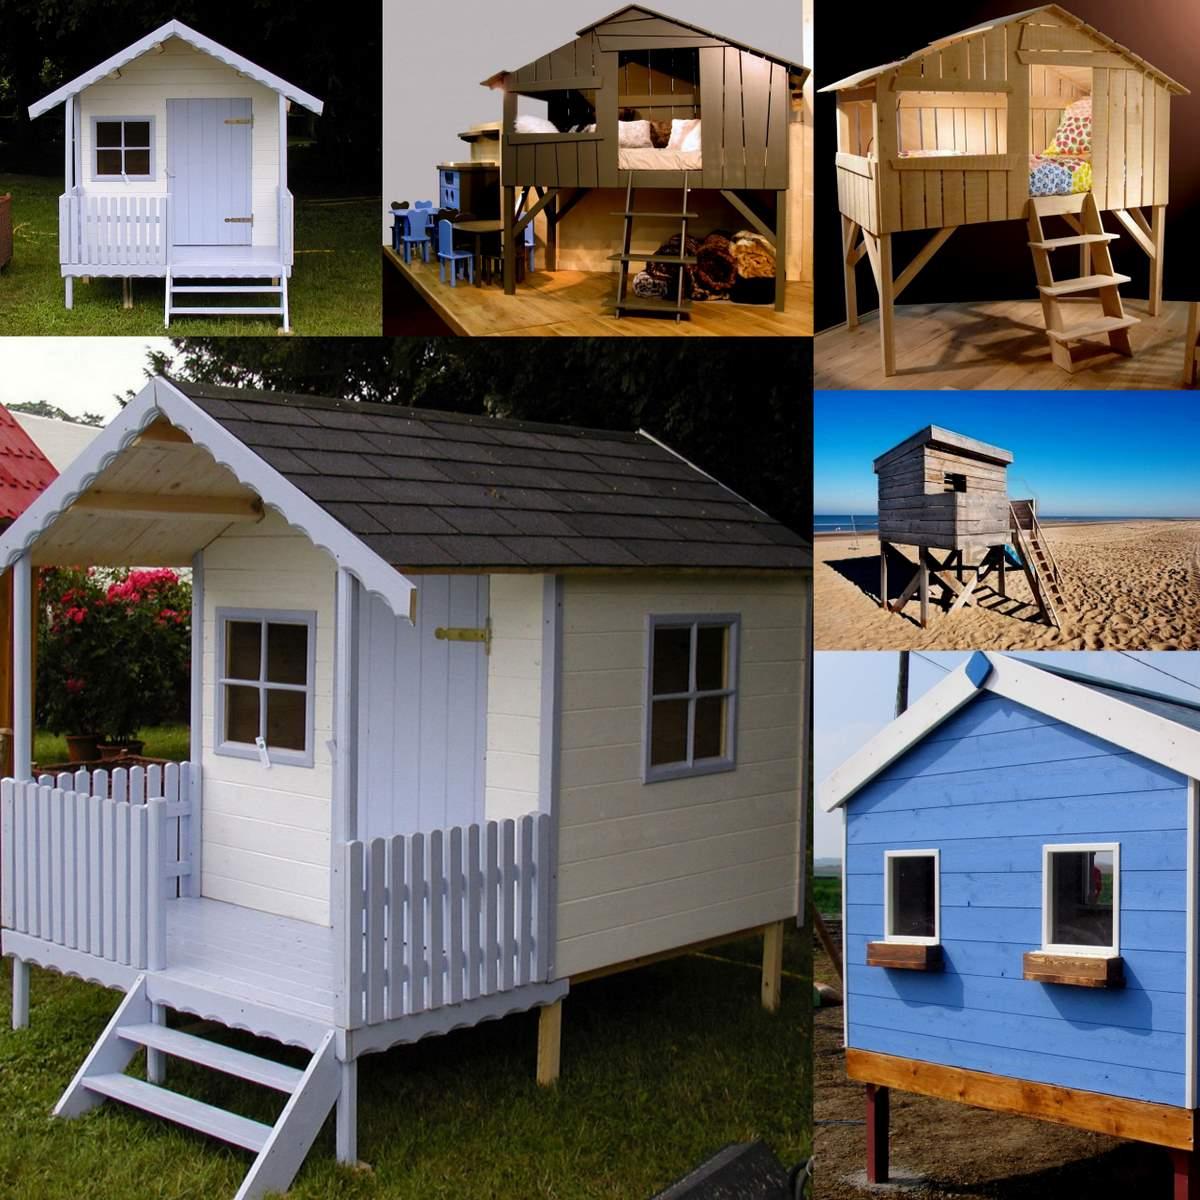 maison jardin enfants pour construction naturelle archives page 10 of 15 maison parallele - Maison De Jardin Enfant En Bois